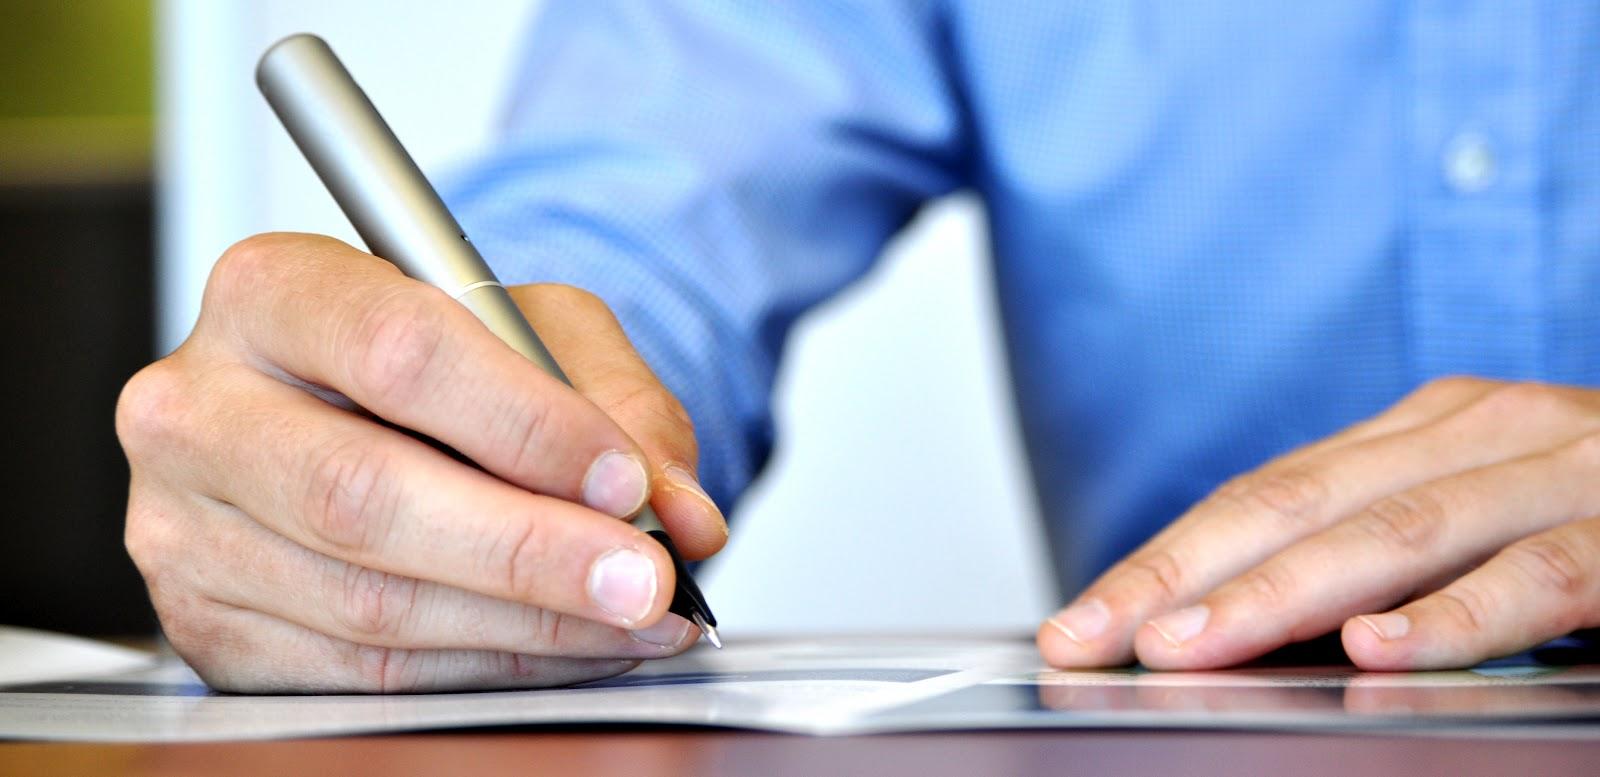 פאנטון עסקי - כתיבת טקסט